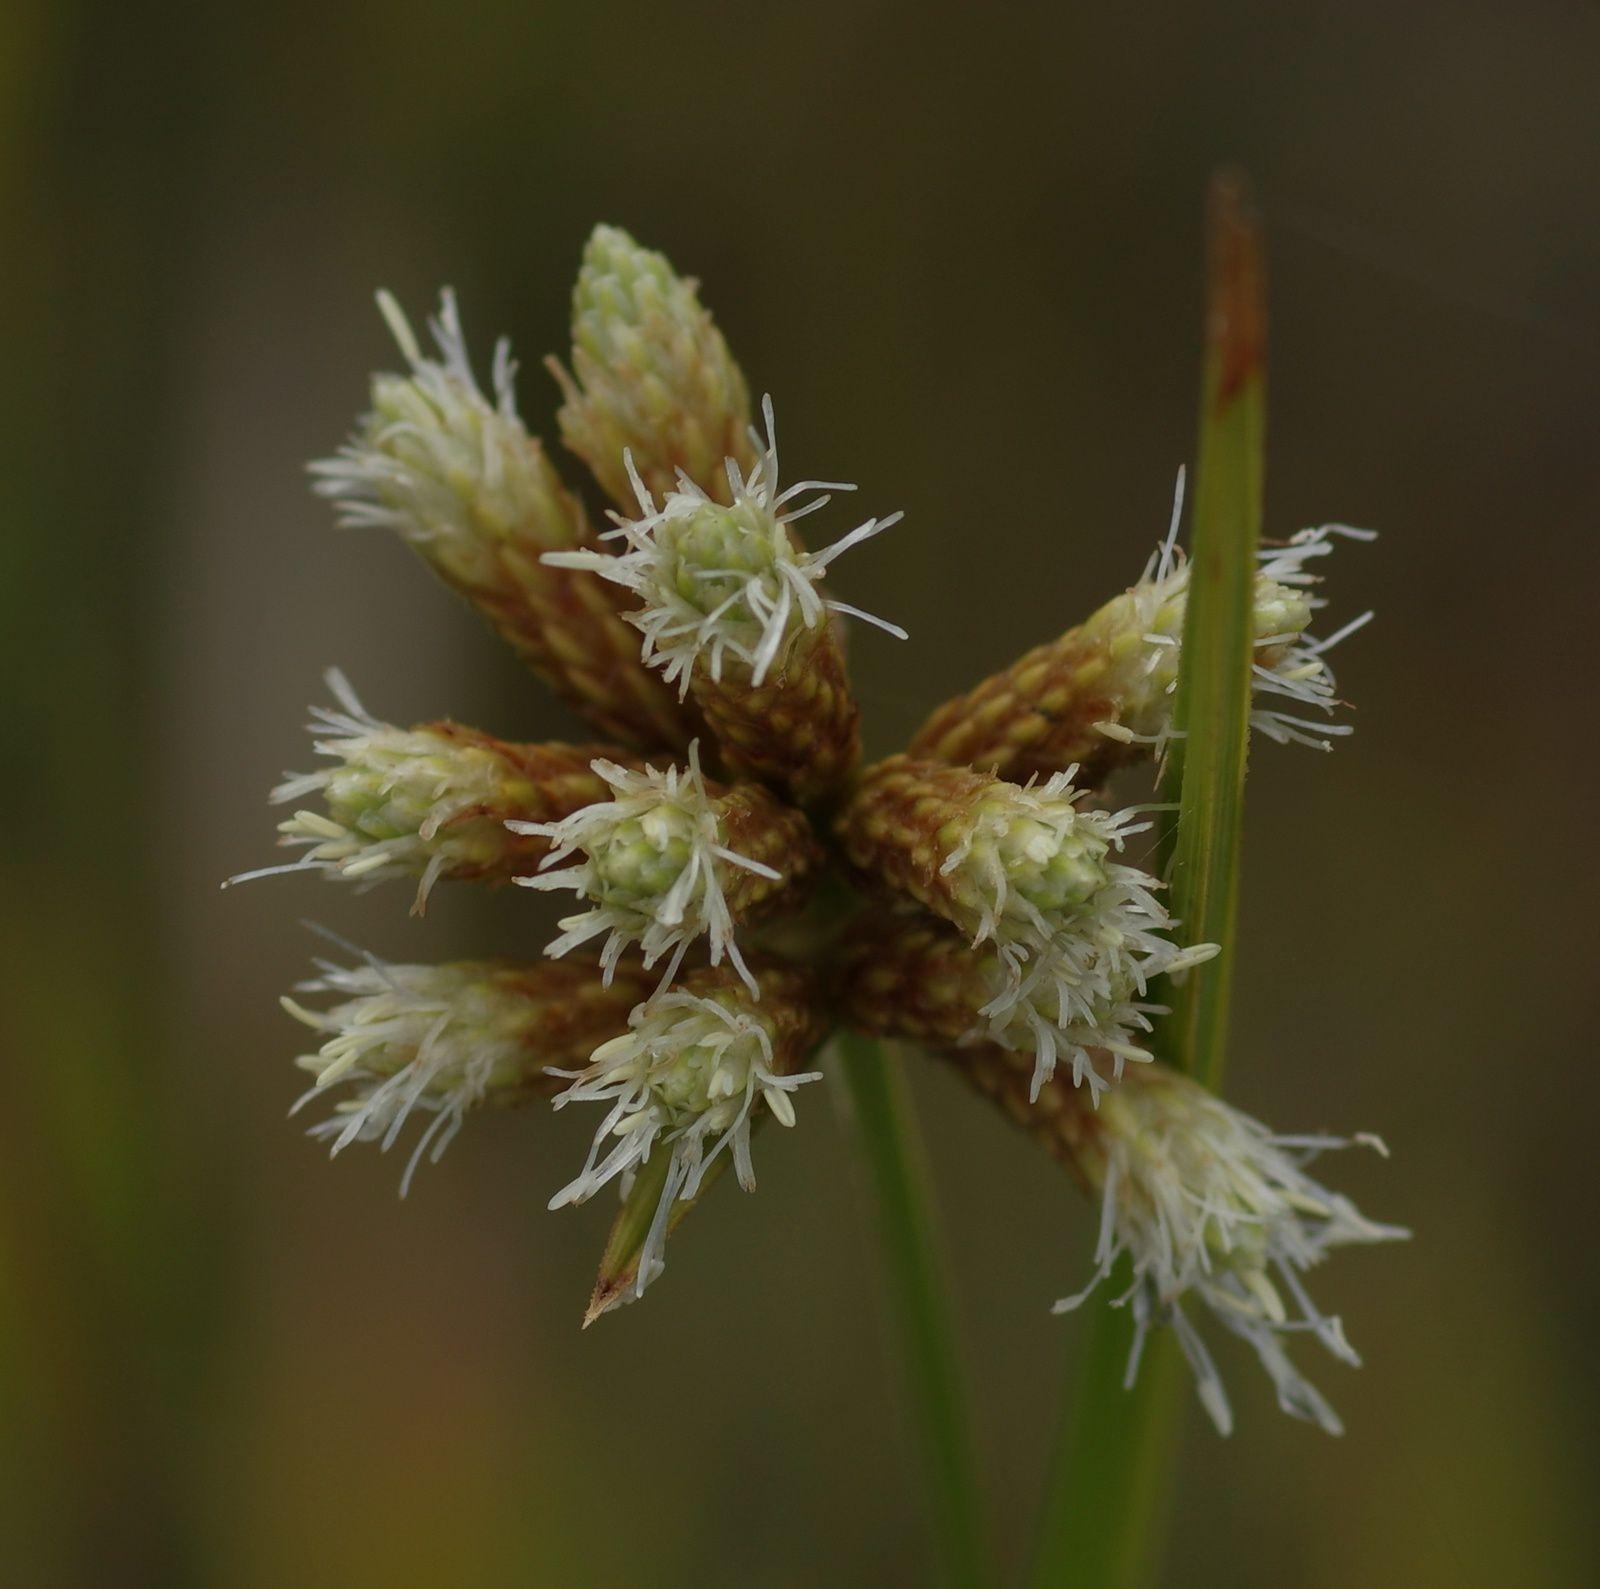 Hypolytrum pulchrum